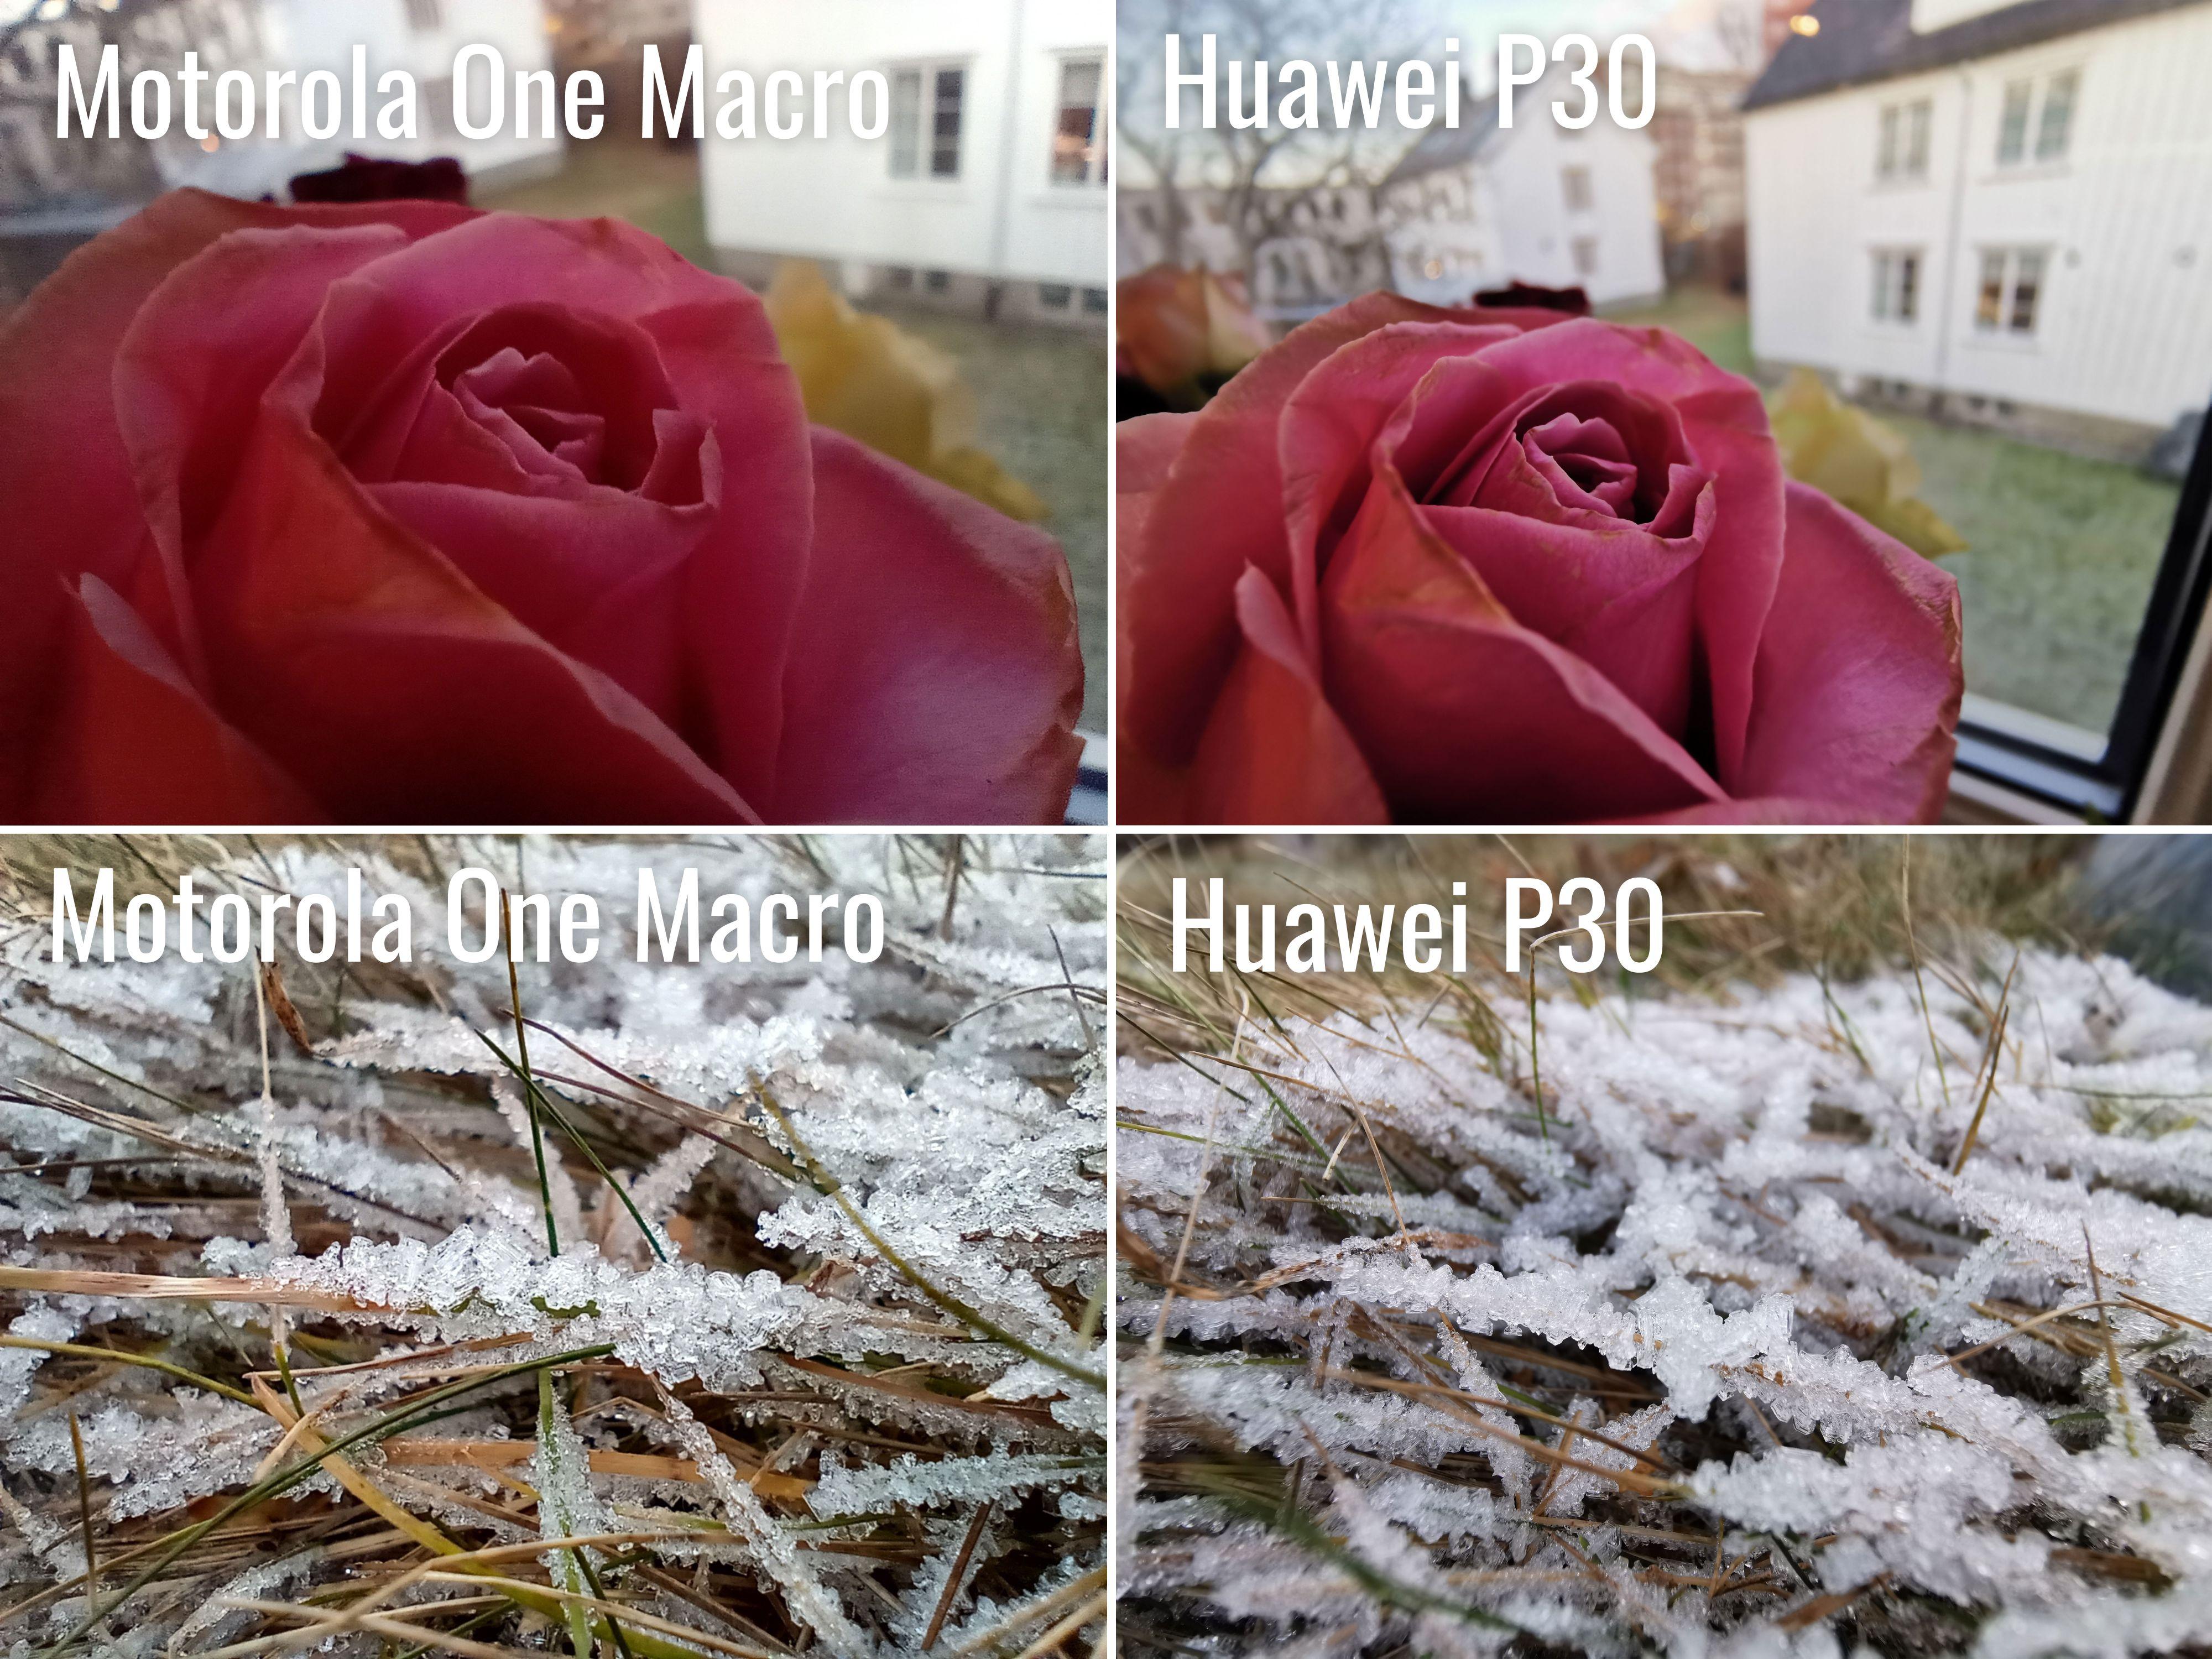 Andre telefoner, som Huawei P30, kan bruke vidvinkelkameraet sitt som makrokameraet. Og kvaliteten er naturlig nok betraktelig bedre.